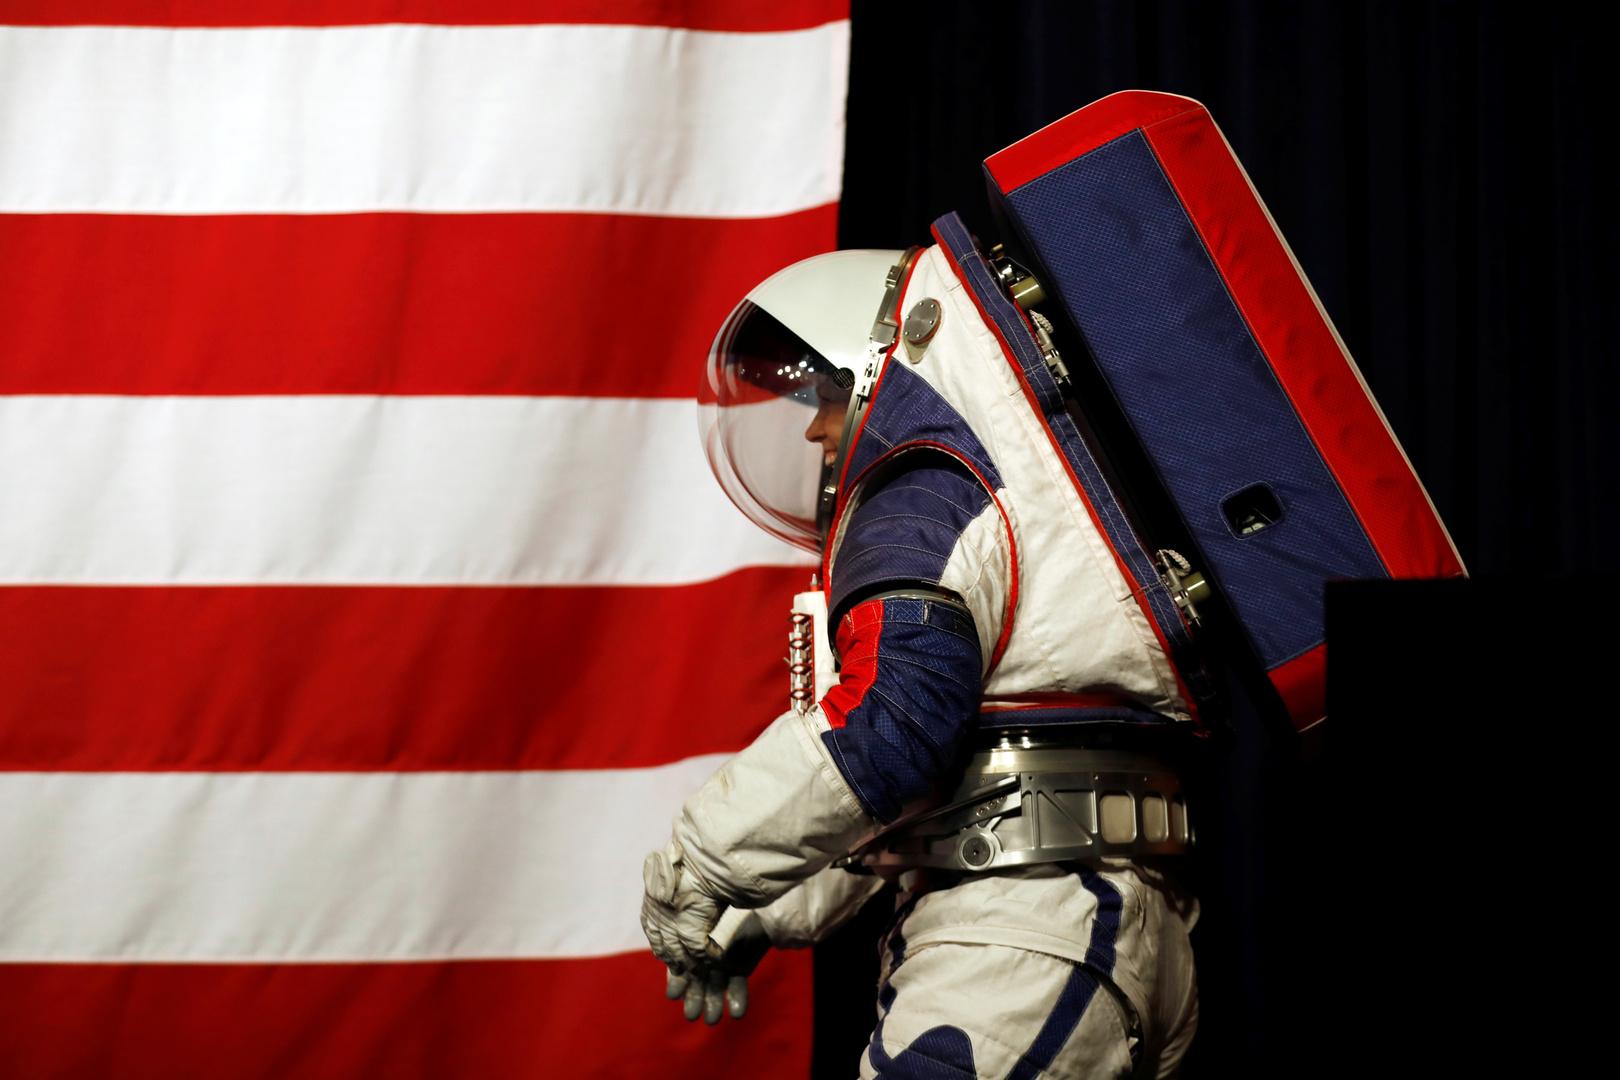 الولايات المتحدة قررت إبعاد روسيا عن موارد القمر